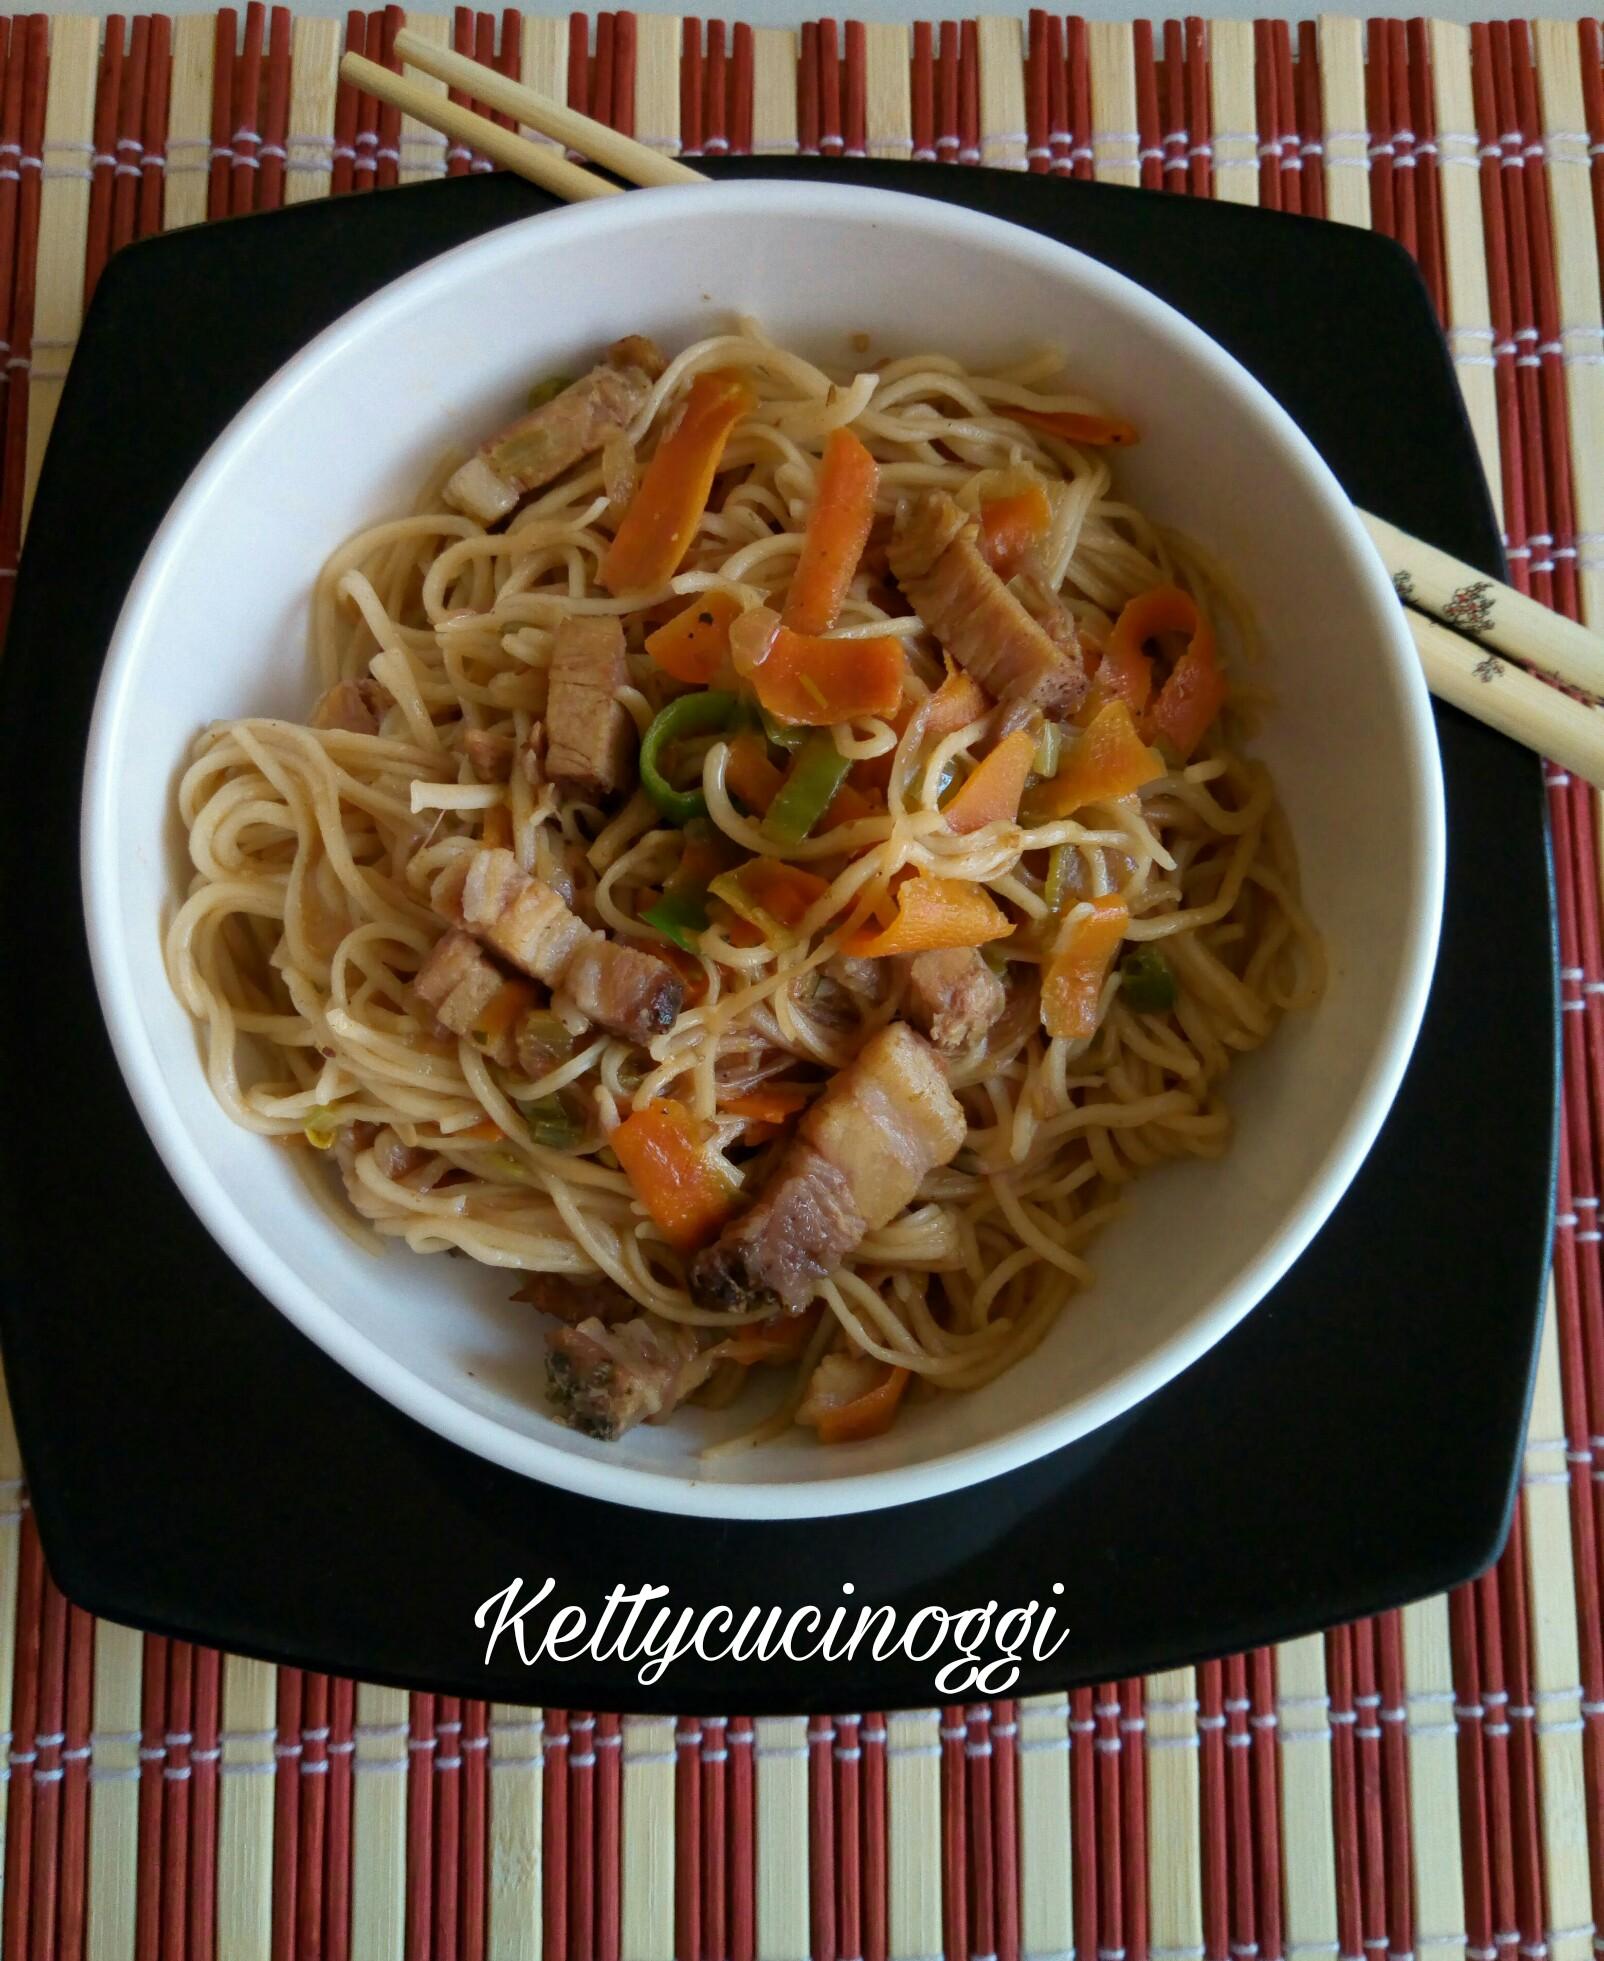 Ricetta Noodles Con Verdure E Carne.Noodles Con Verdure E Carne Ketty Cucino Oggi